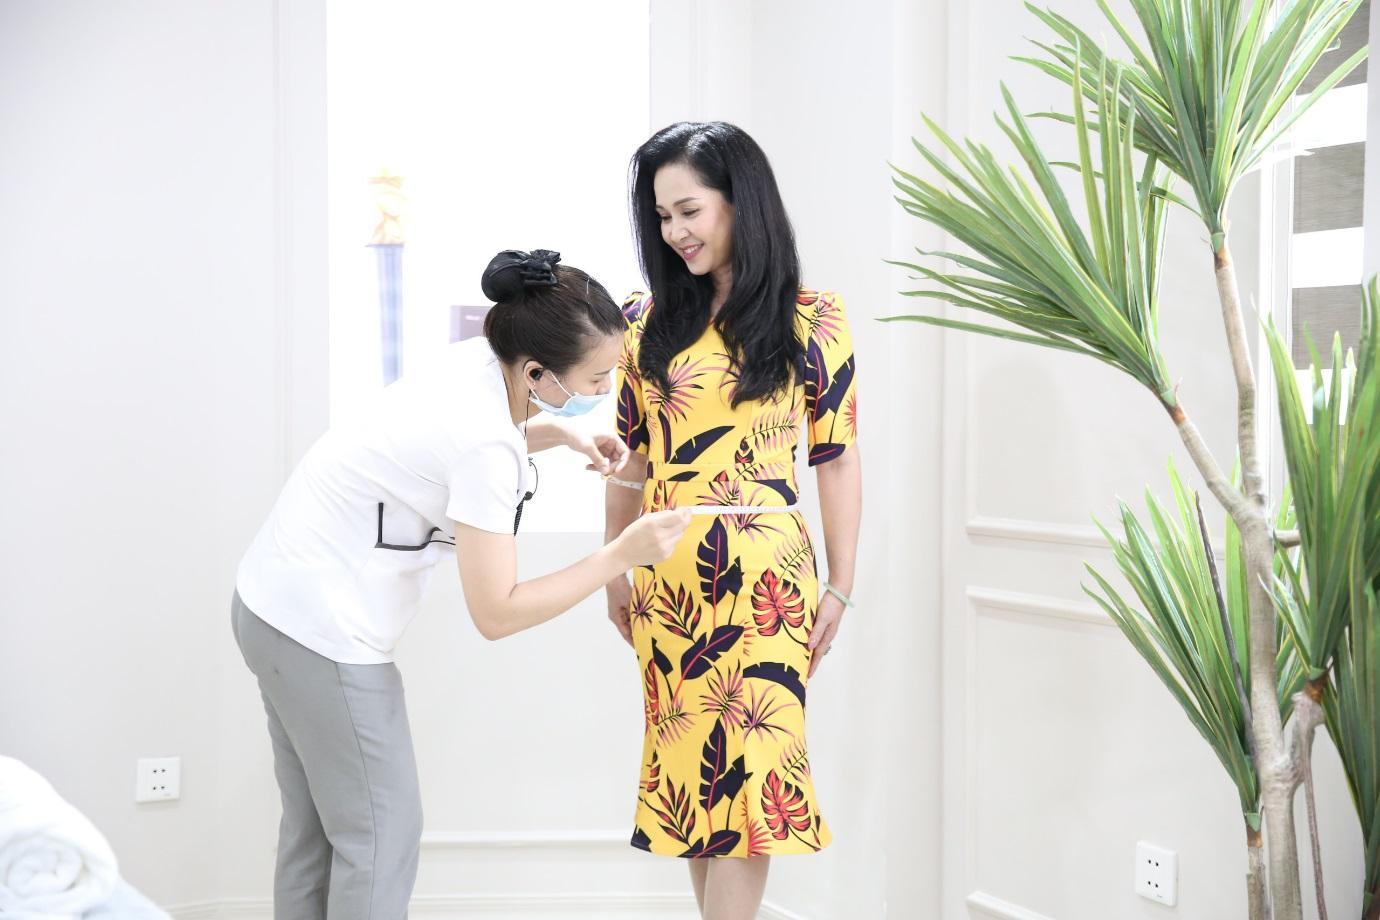 NSND Lan Hương và bí kíp giữ gìn hạnh phúc gia đình kéo dài hơn 3 thập kỷ  - Ảnh 5